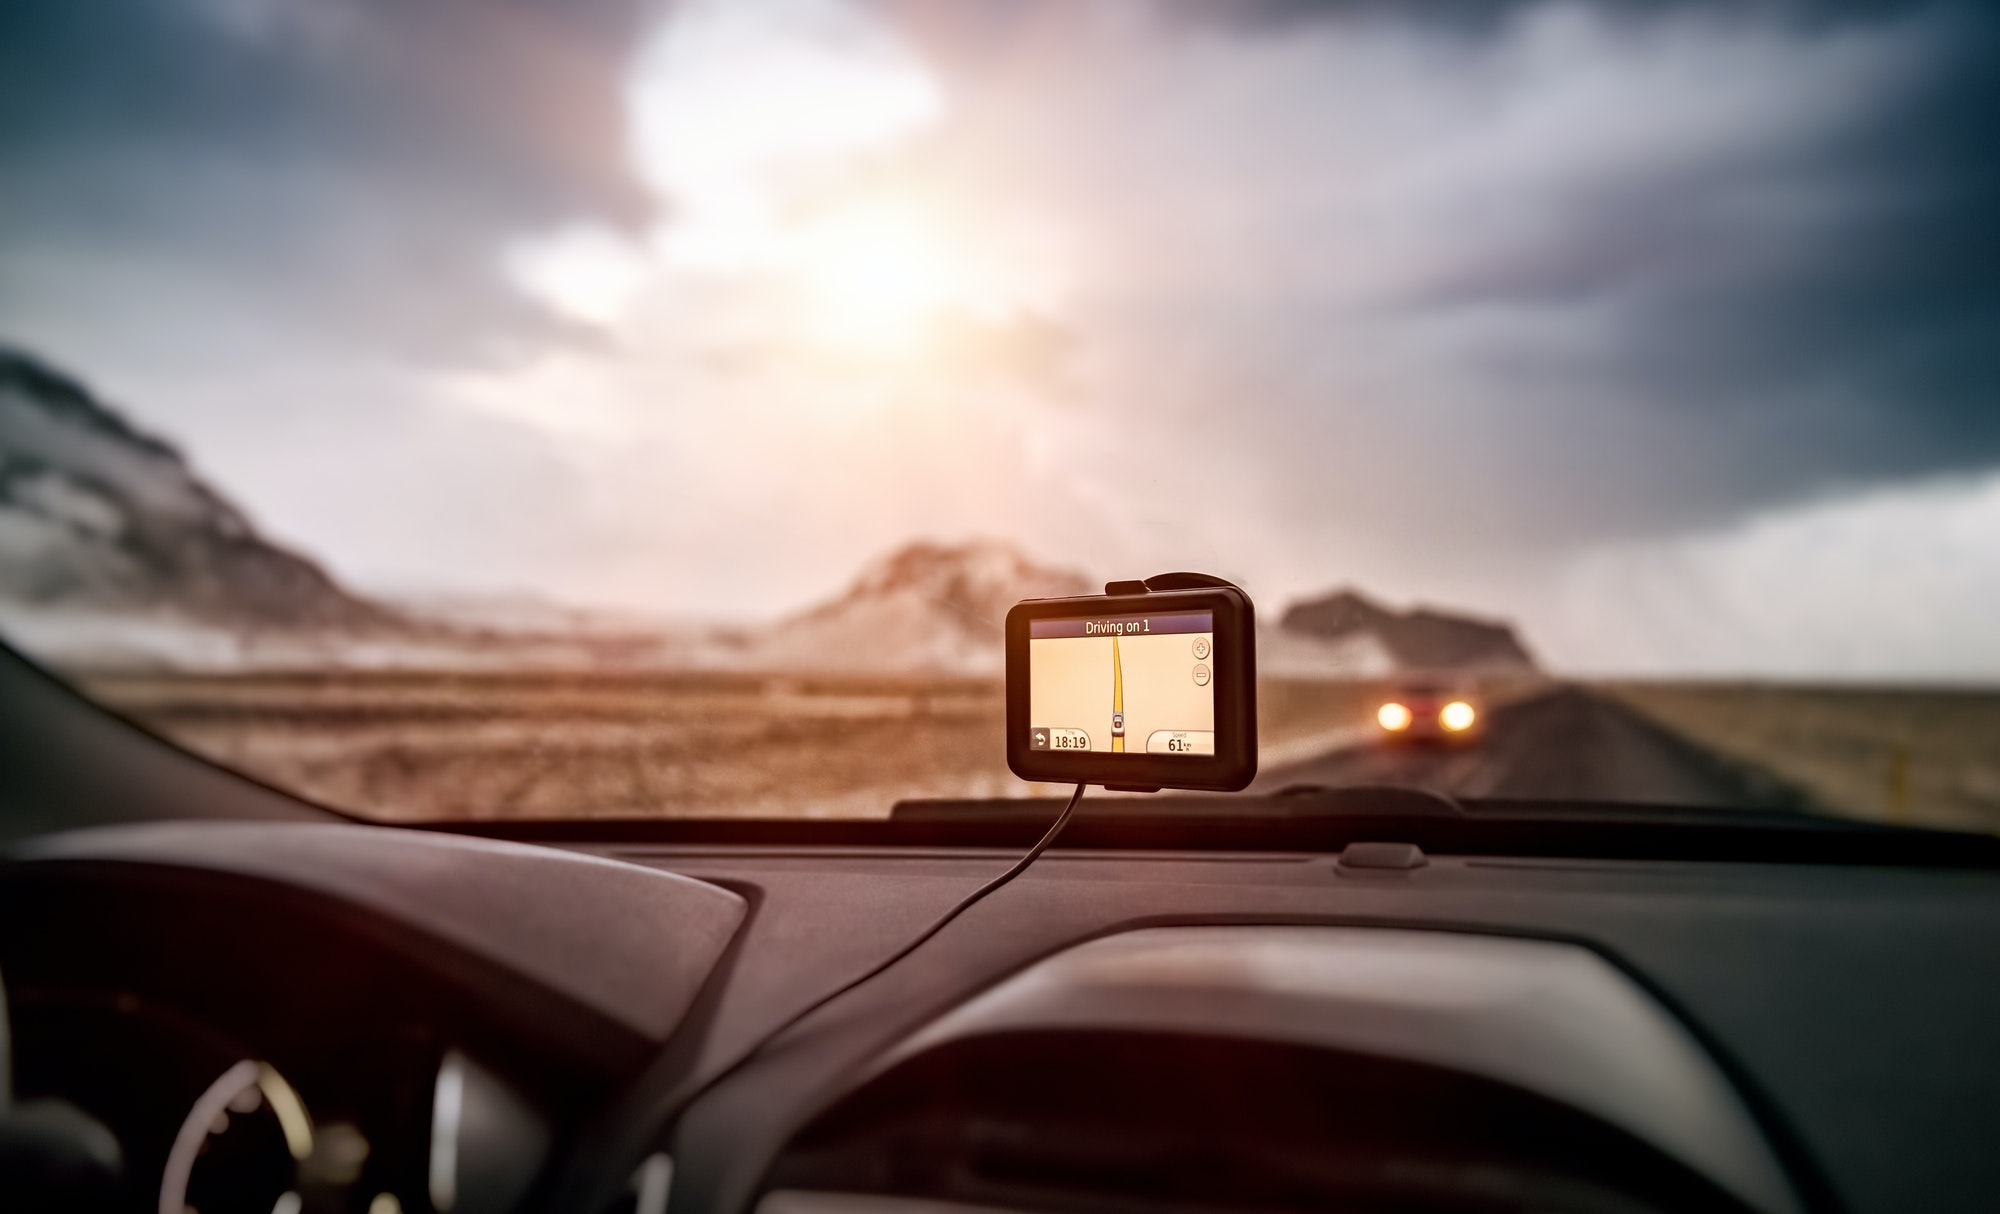 GPS navigator in the car